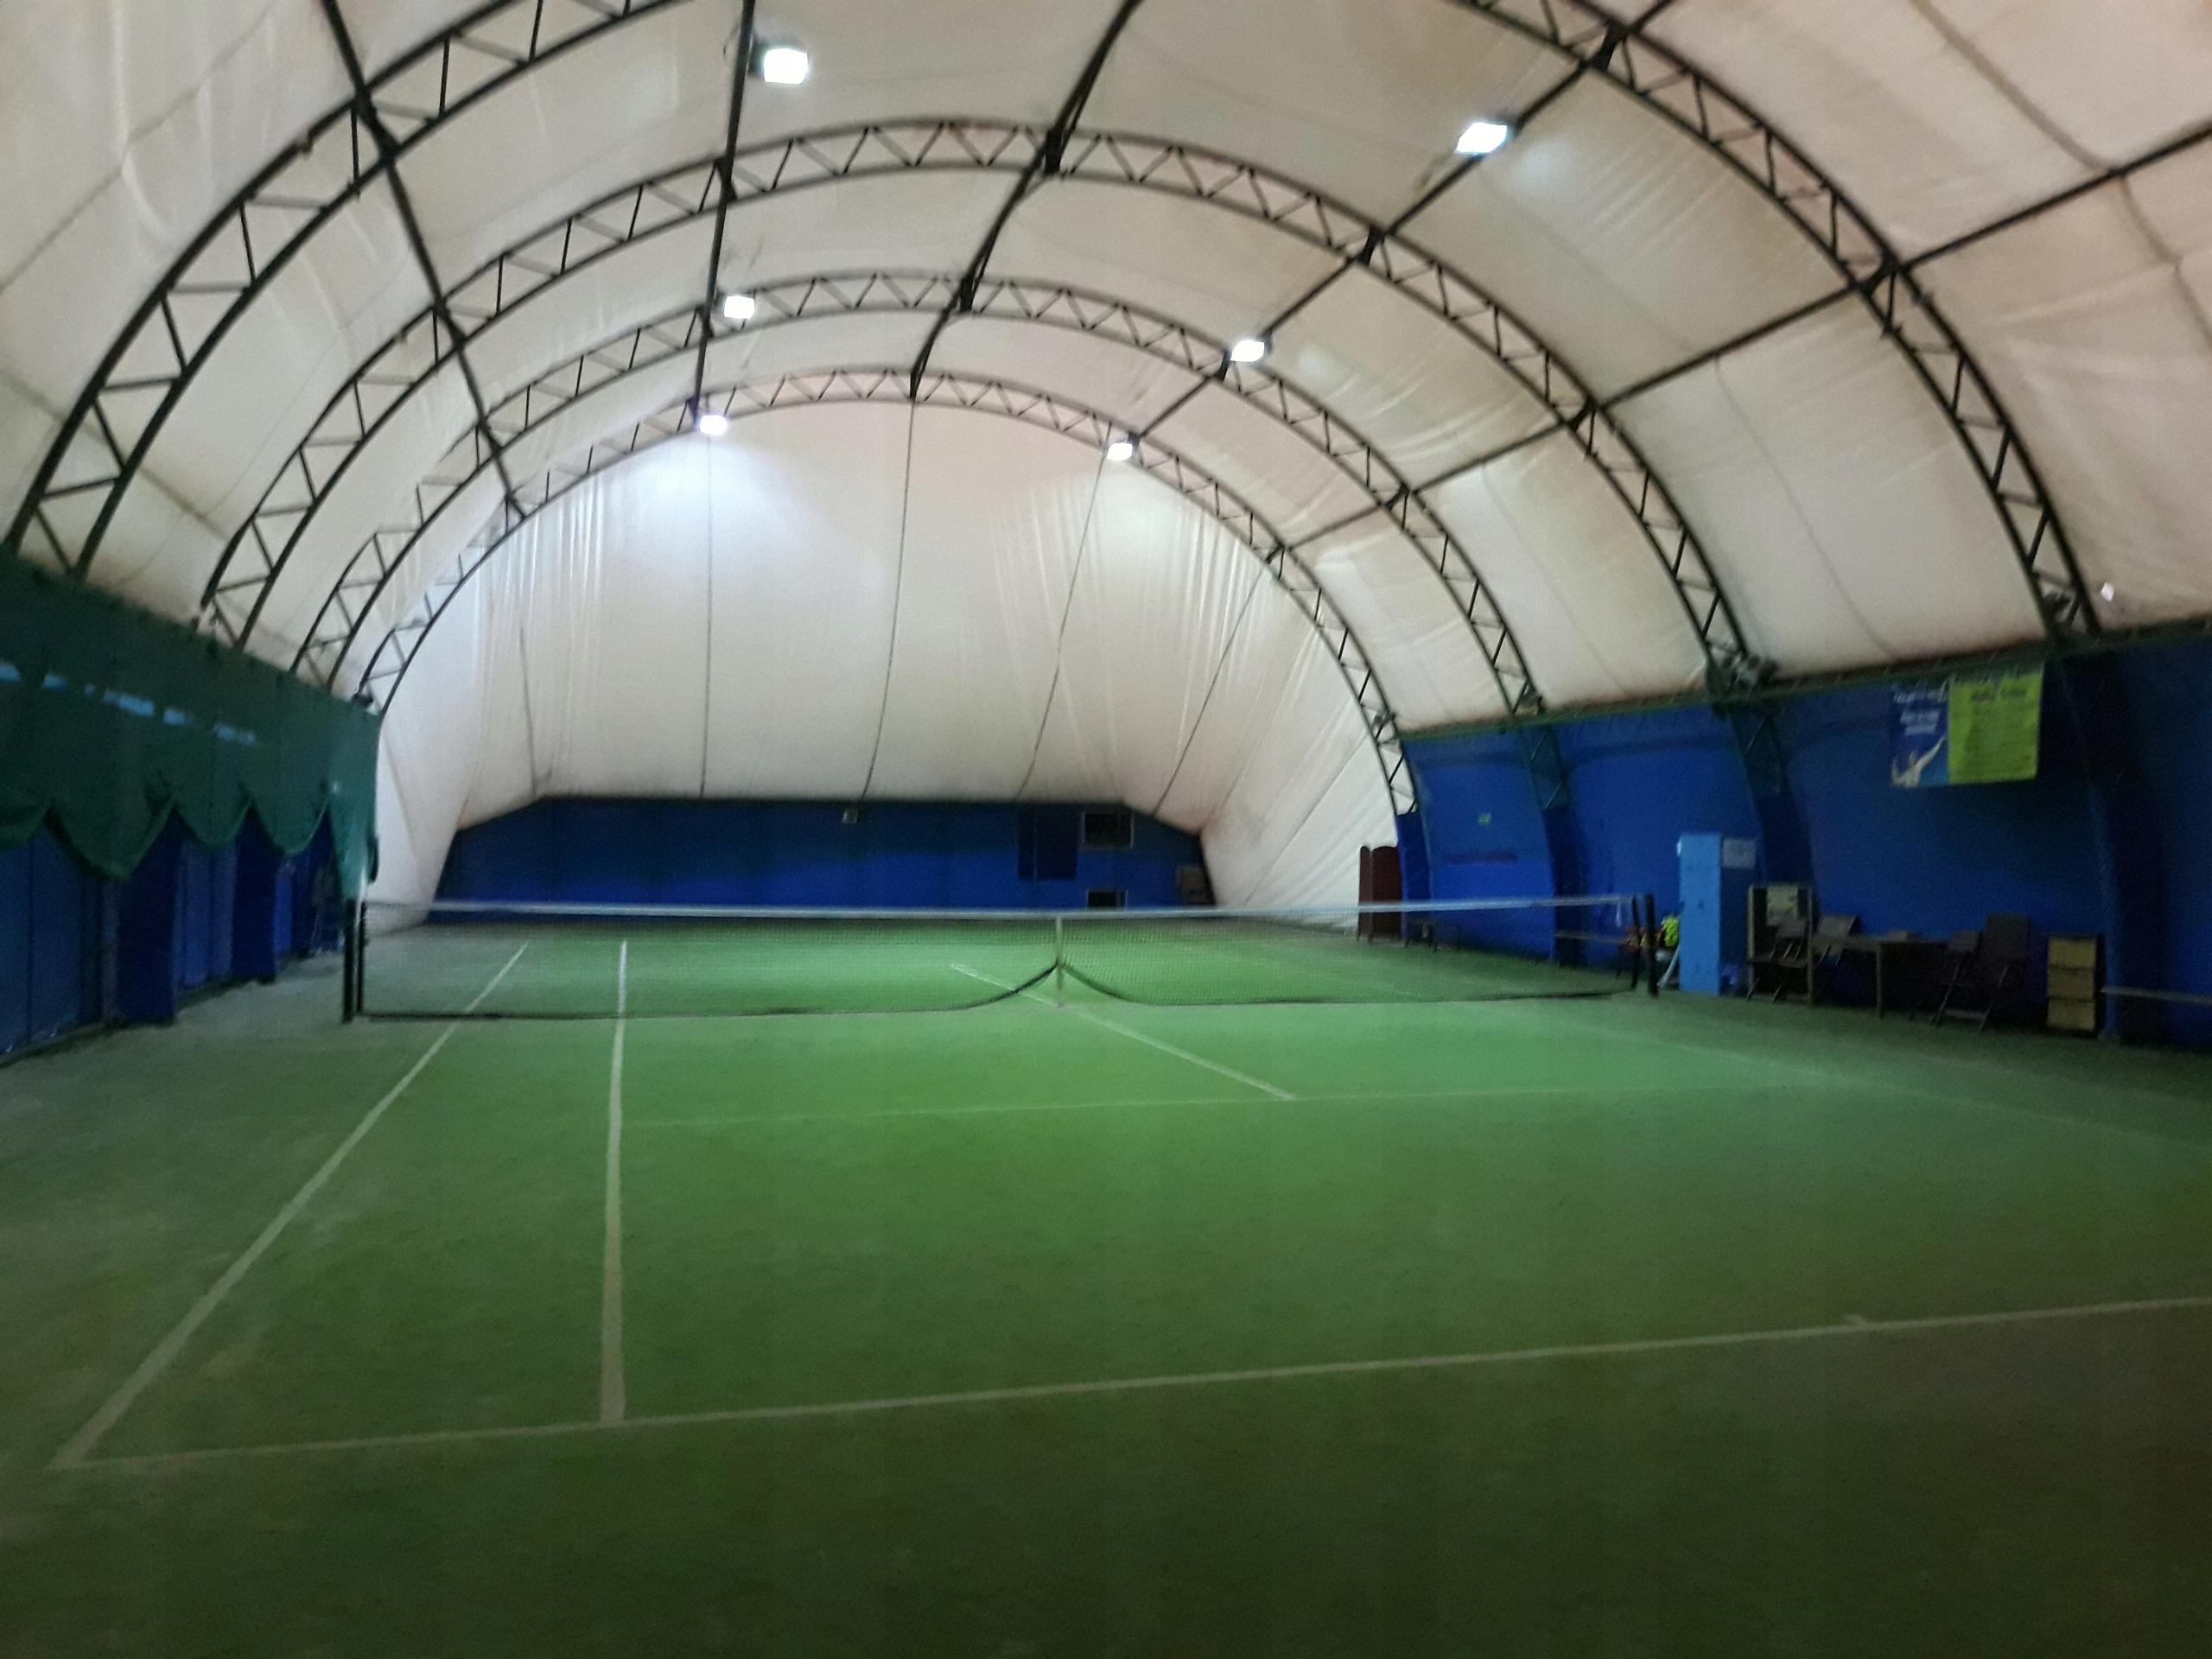 Świeże Sprzedam hale tenisowa - OKAZJA - 7592139783 - oficjalne archiwum IG81